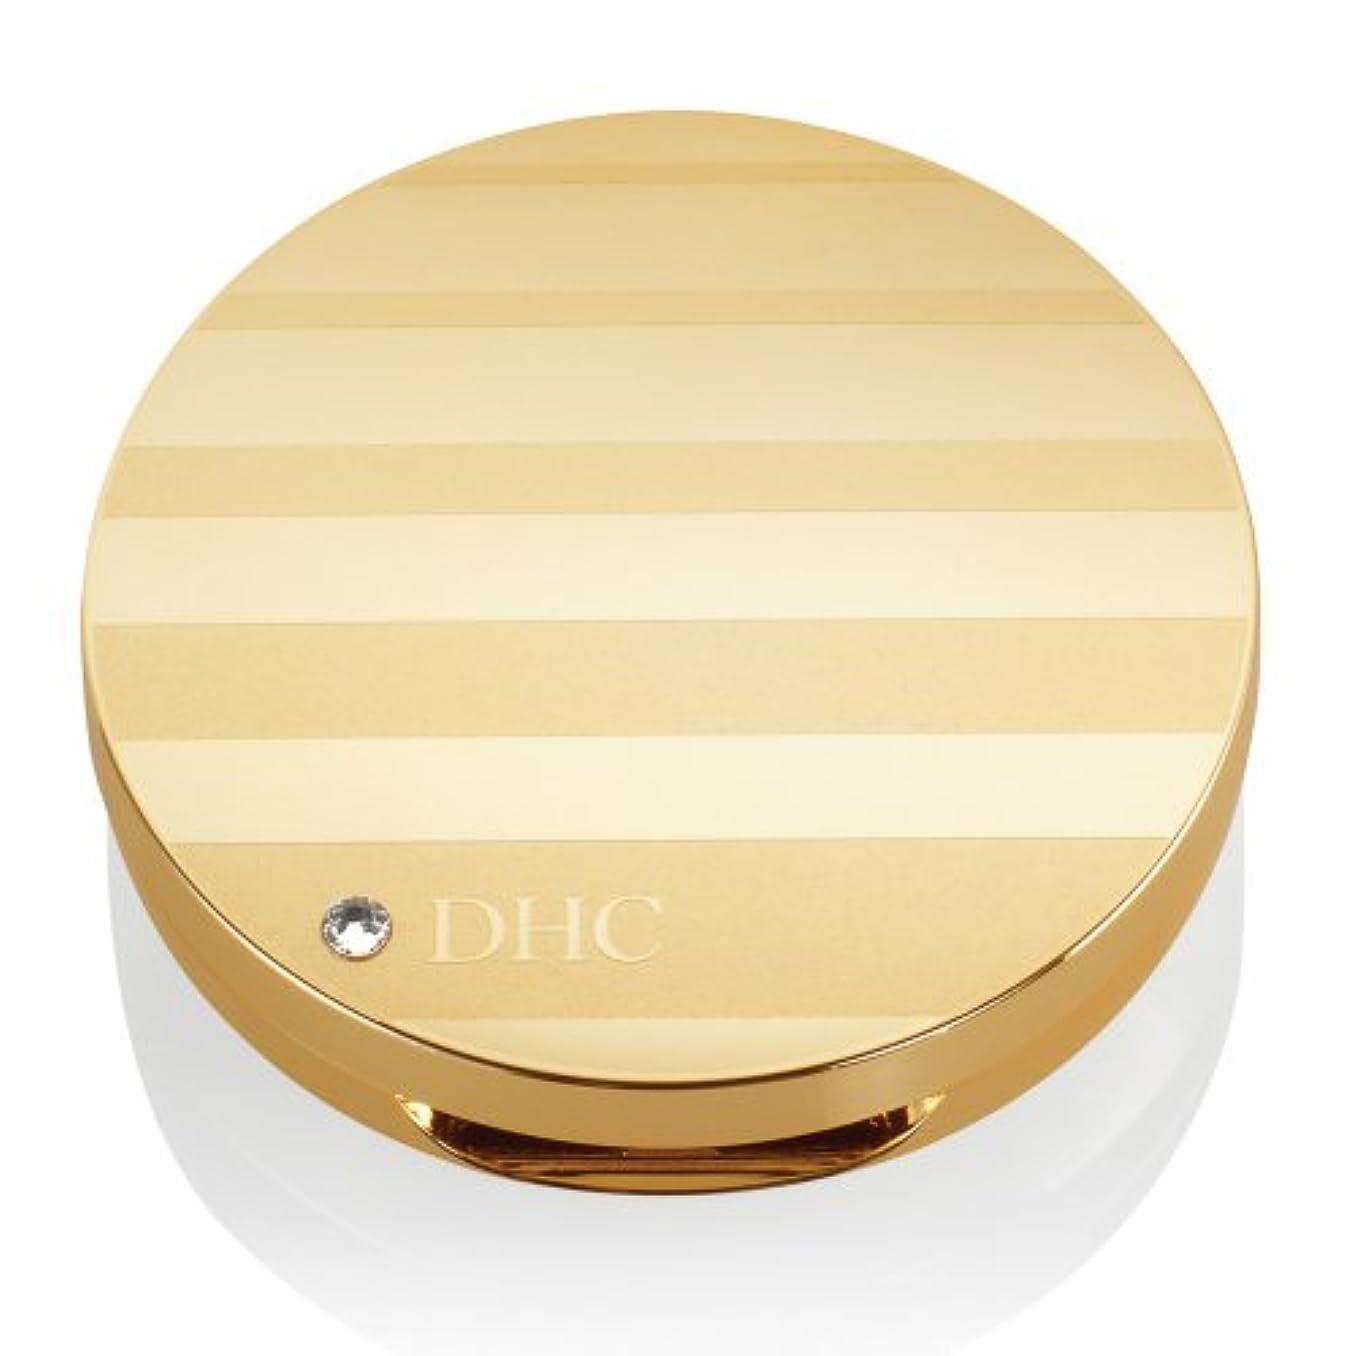 箱プラスチック九DHC BB ミネラルパウダーGE 専用コンパクト